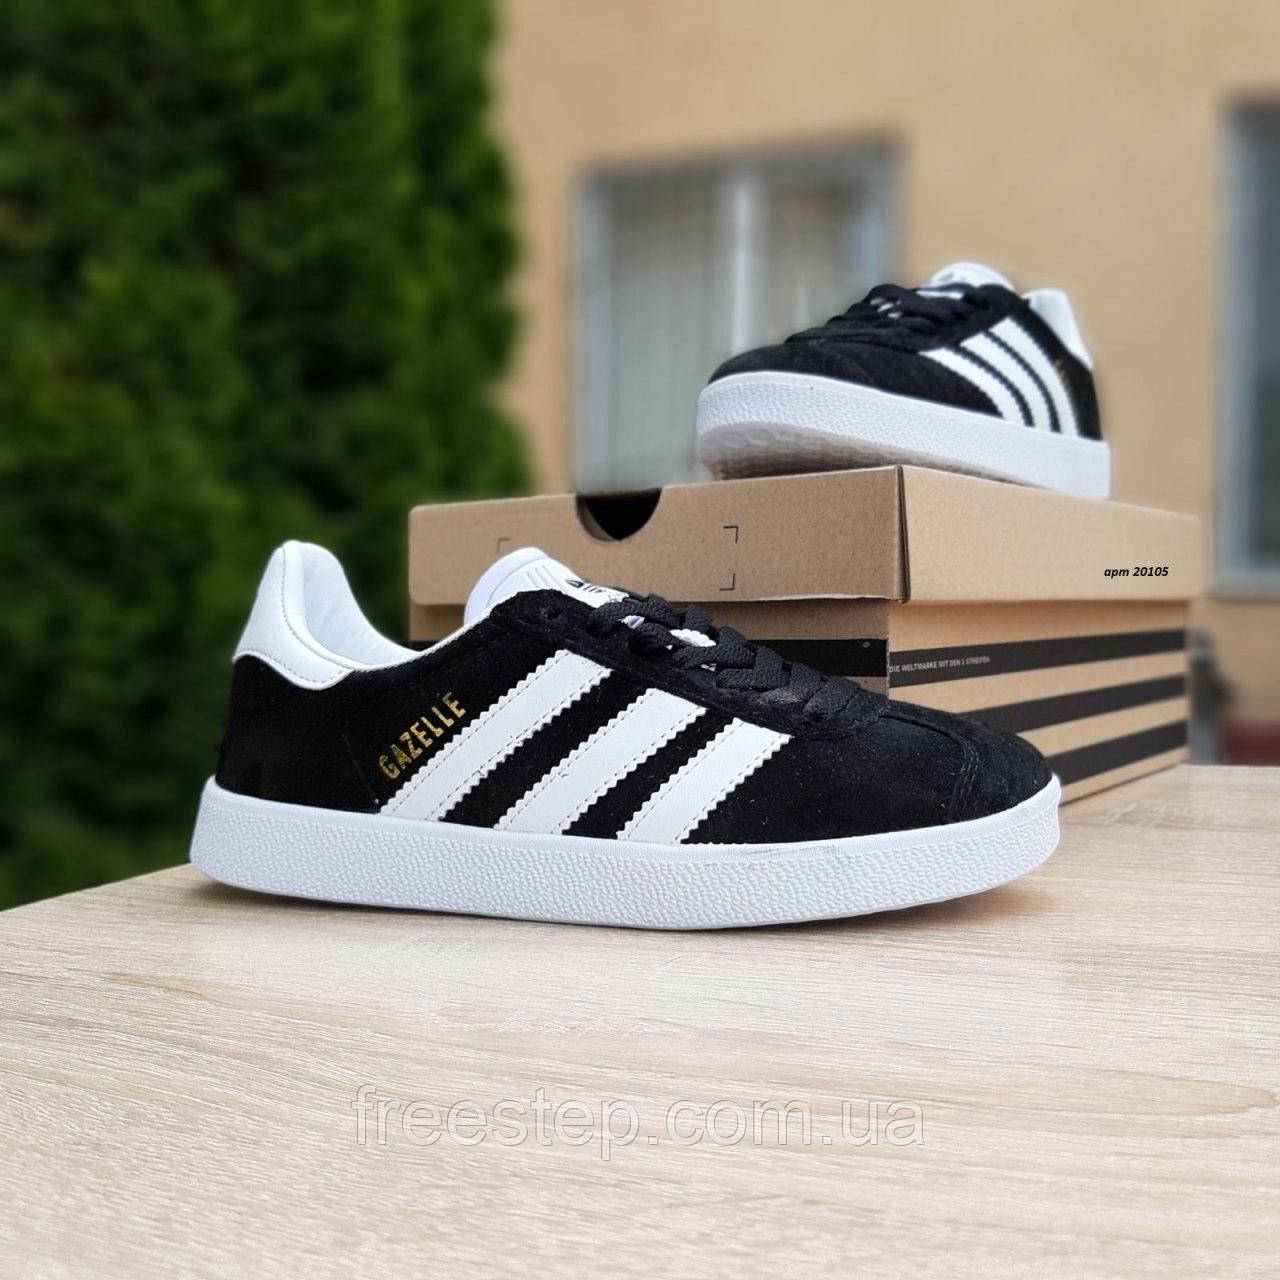 Жіночі кросівки в стилі Adidas Gazelle чорні з білим